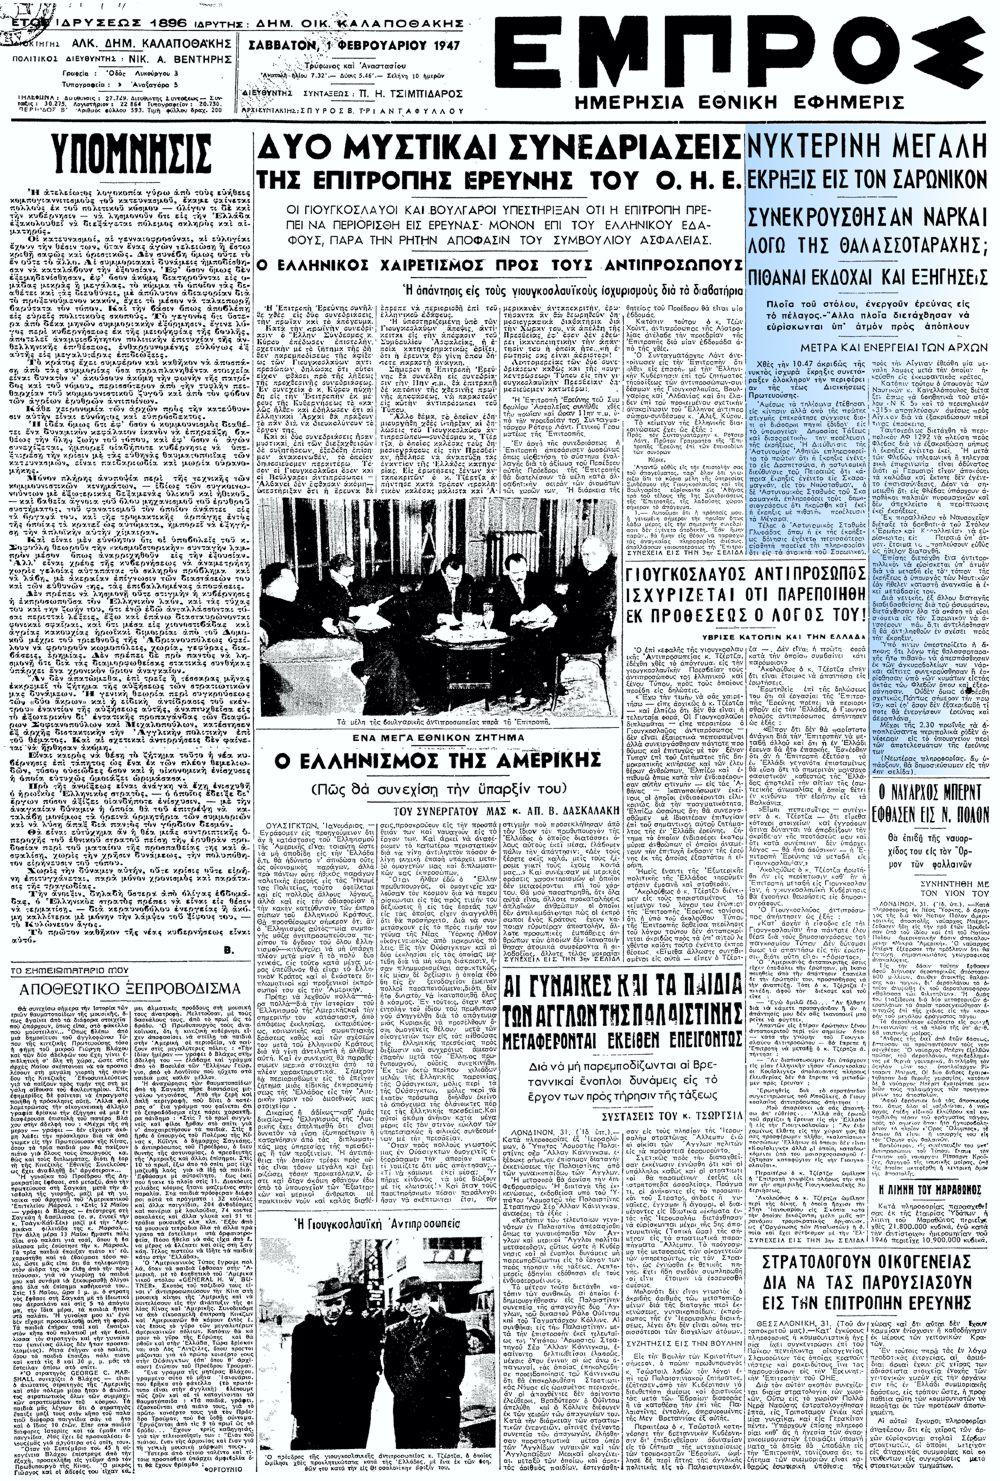 """Το άρθρο, όπως δημοσιεύθηκε στην εφημερίδα """"ΕΜΠΡΟΣ"""", την 01/02/1947"""